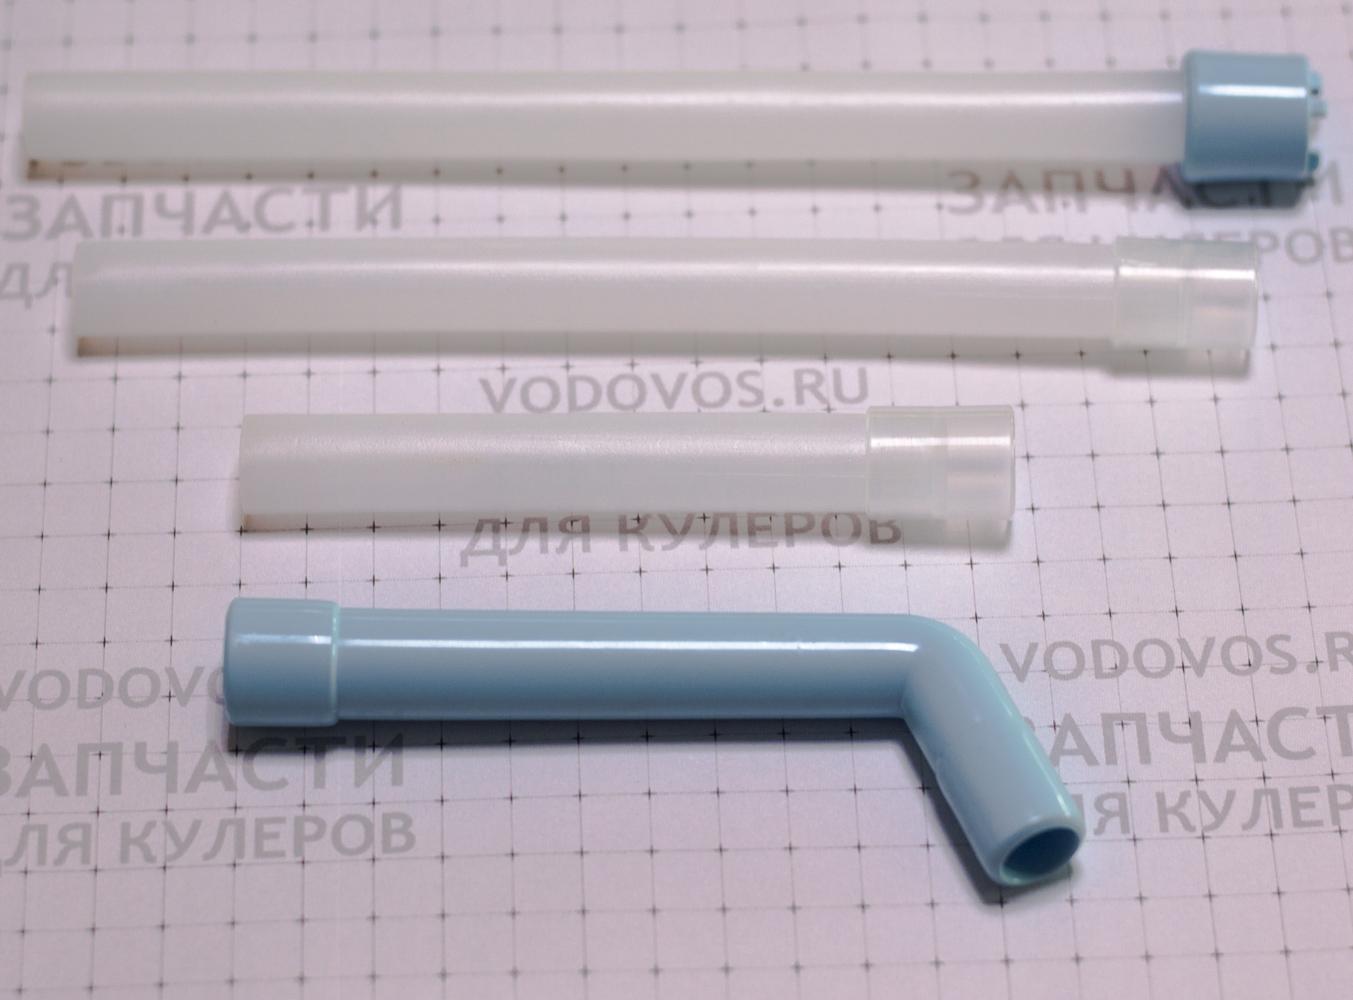 Помпа для воды Дельфин Эко голубая (в коробке) пр-во Россия